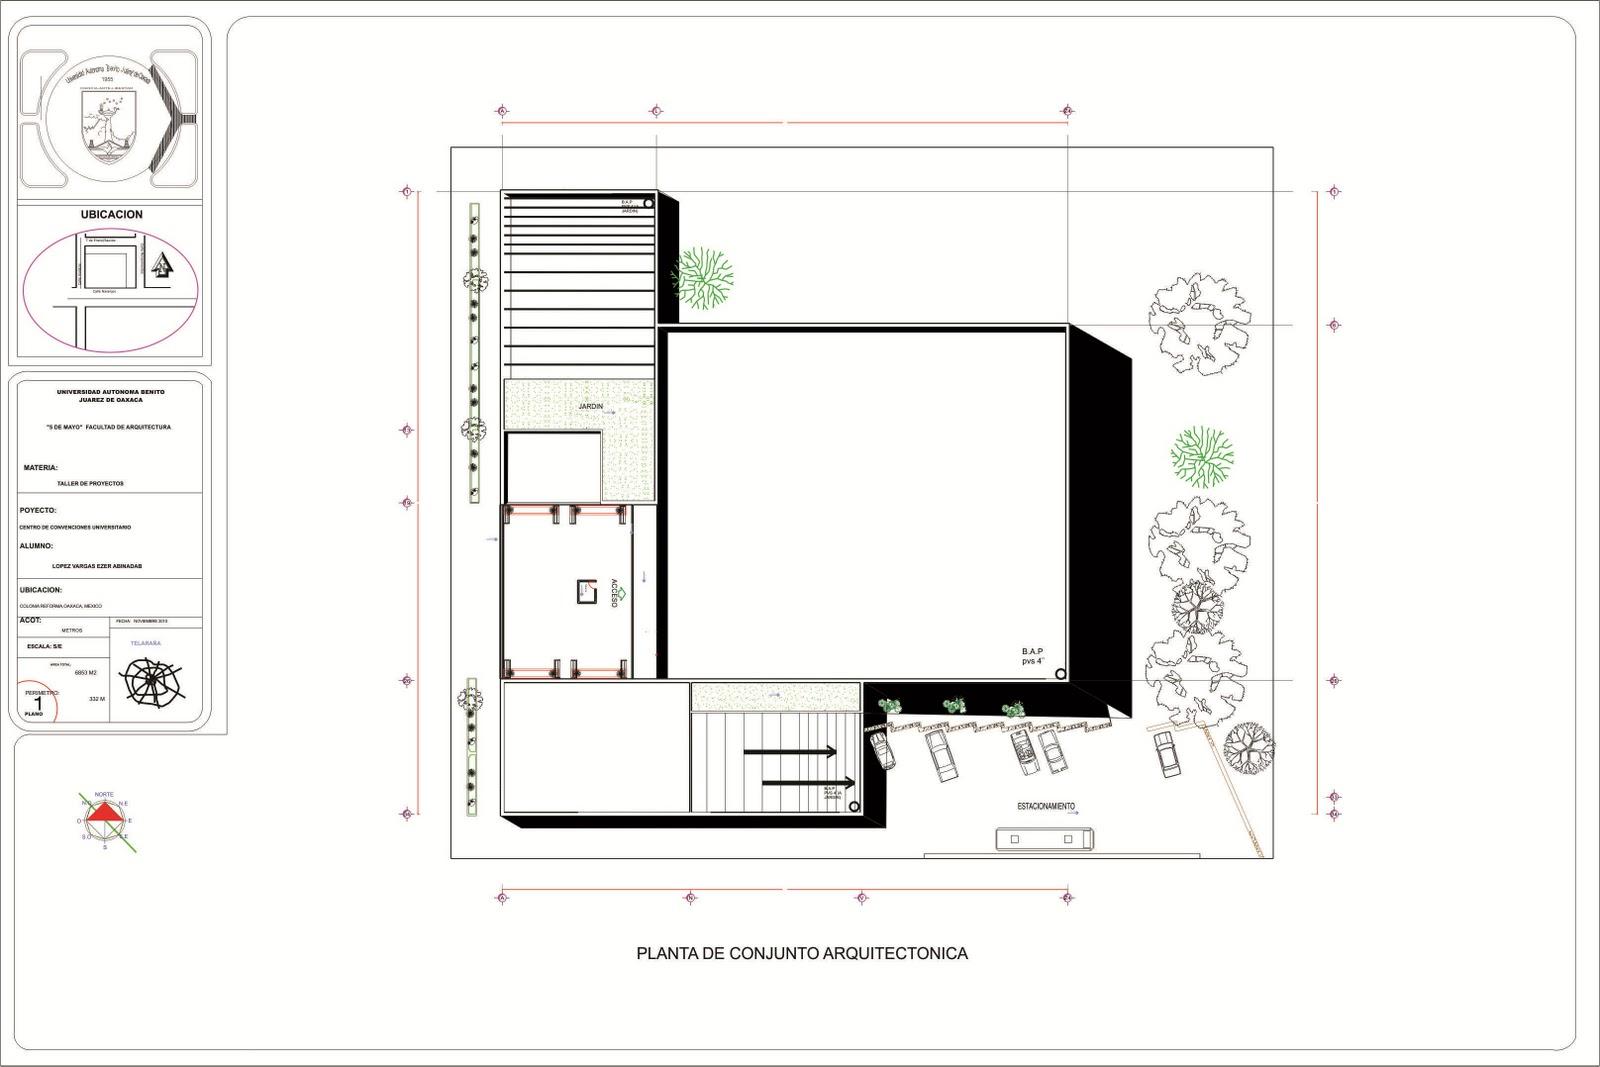 Proceso de dise o arquitectonico de un centro de for Salon de usos multiples programa arquitectonico